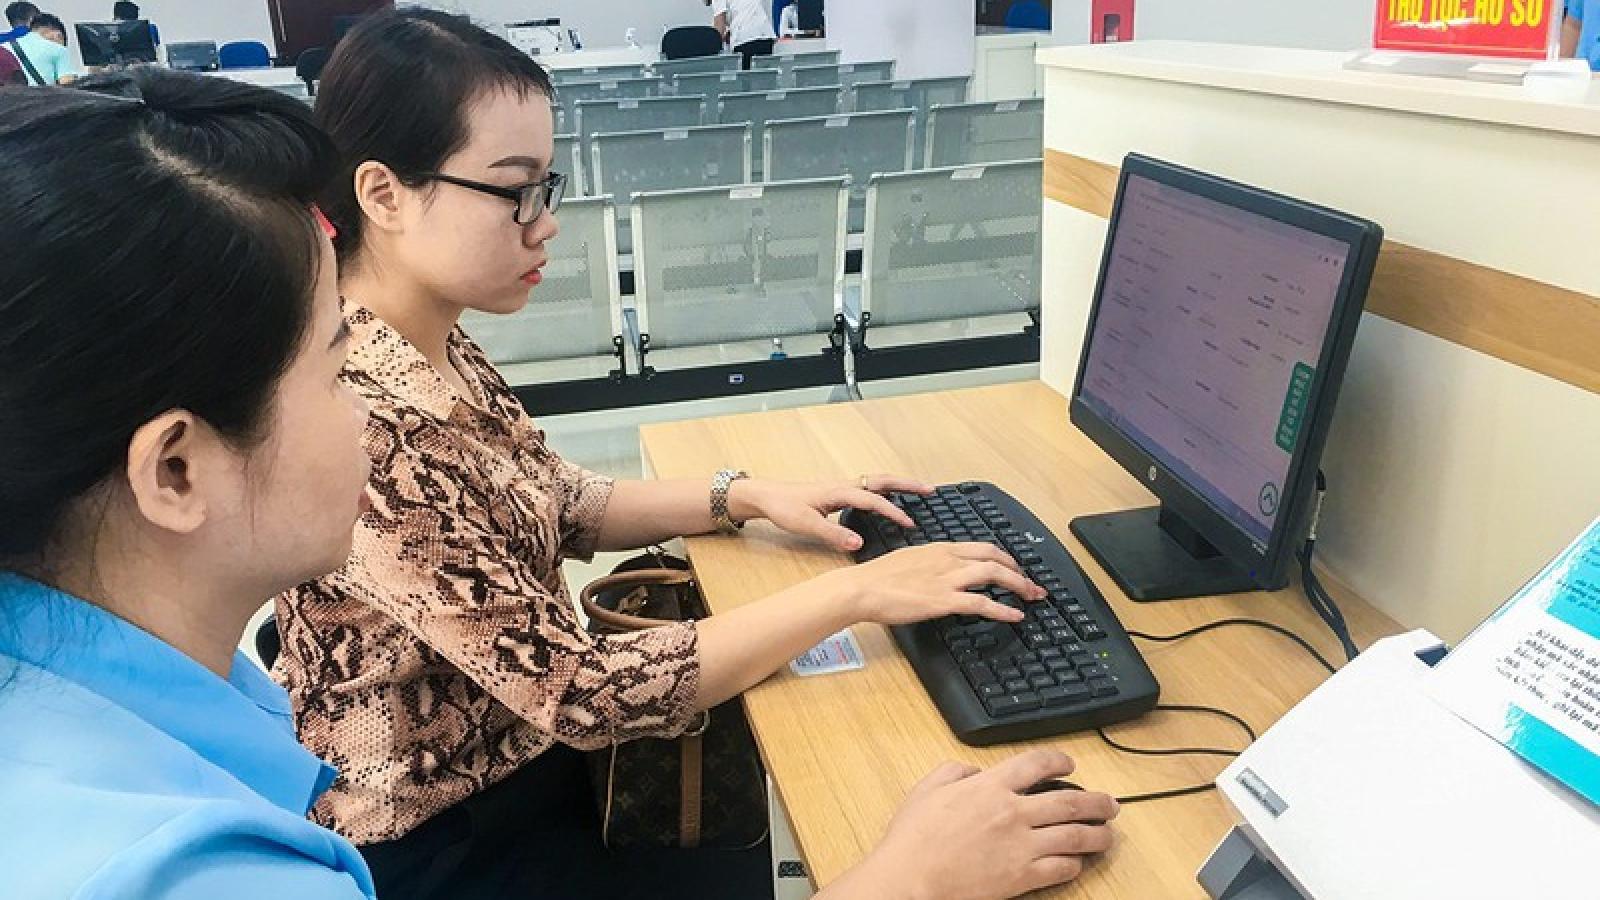 Viettel có thể ngắt toàn bộ dịch vụ công của Hà Nội vì chậm thanh toán